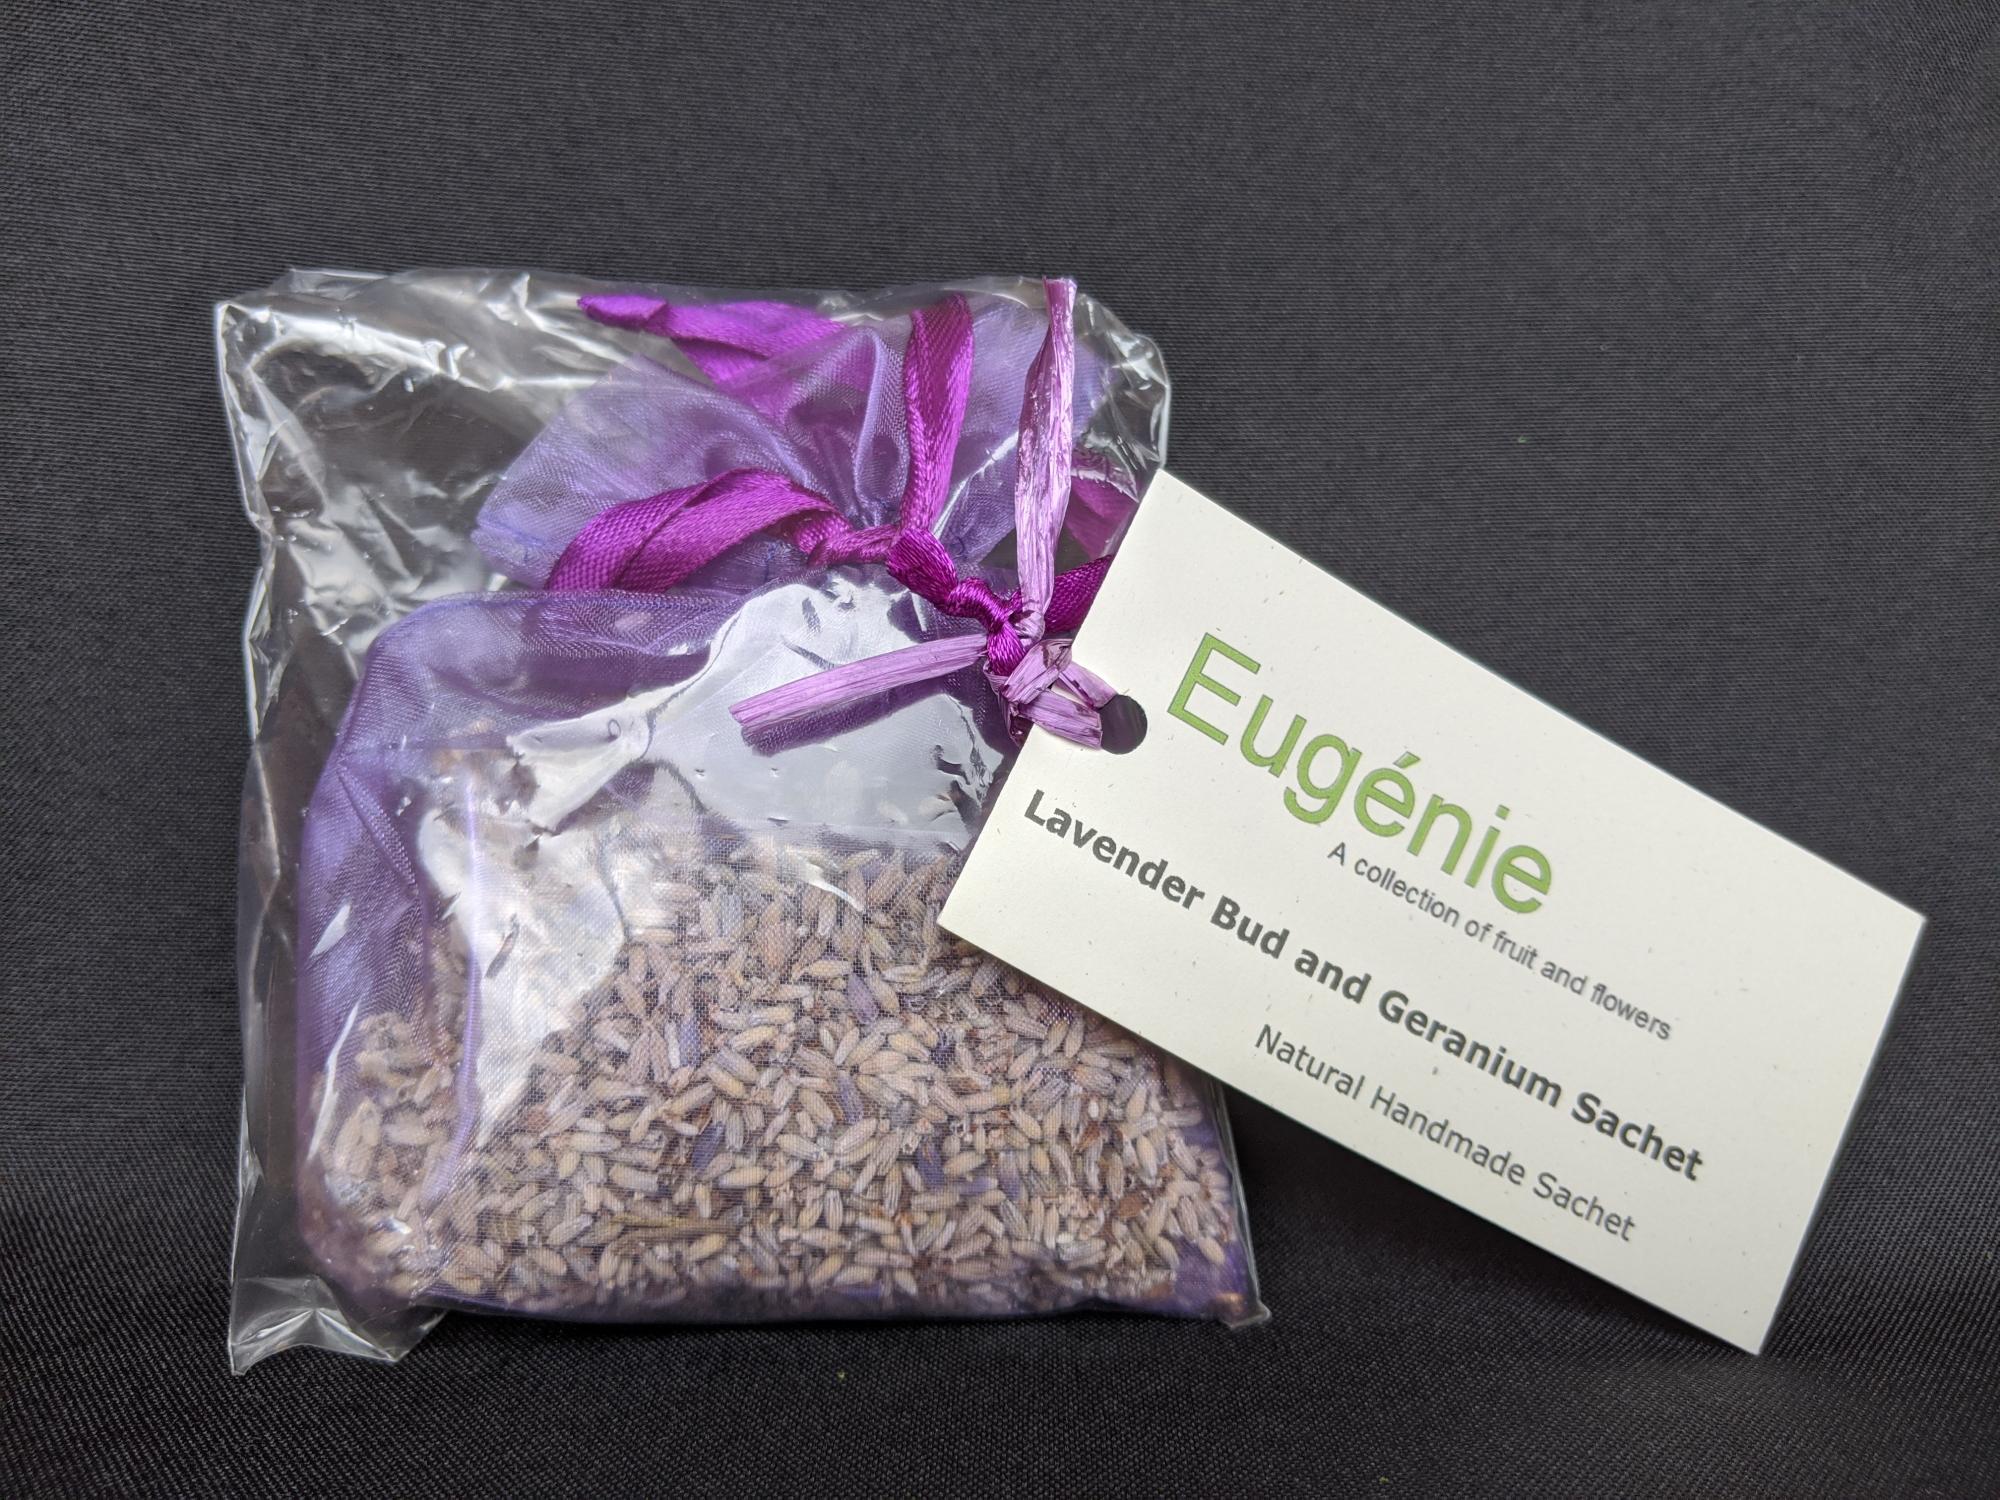 Lavender Bud & Geranium Sachet